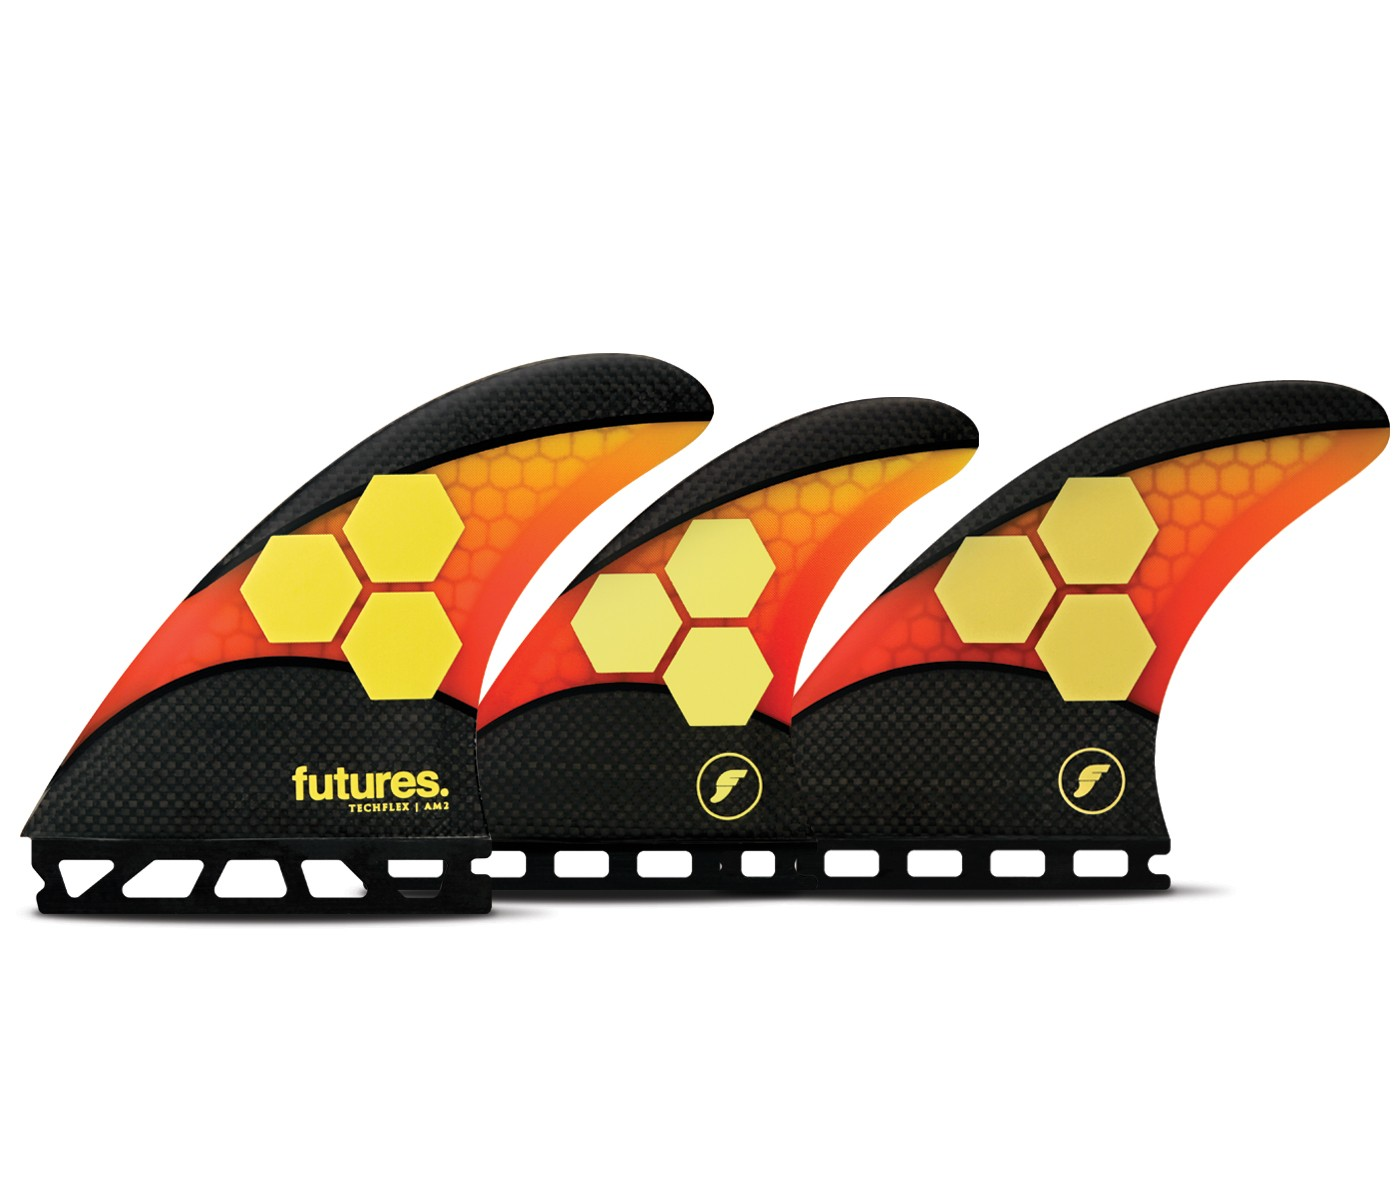 フューチャーフィン FUTURE FIN AM2 Techflex アルメリック モデル発売!TRI QUAD FIN【5本フィン】 Futures Fins AM2 Techflex 5-Fin